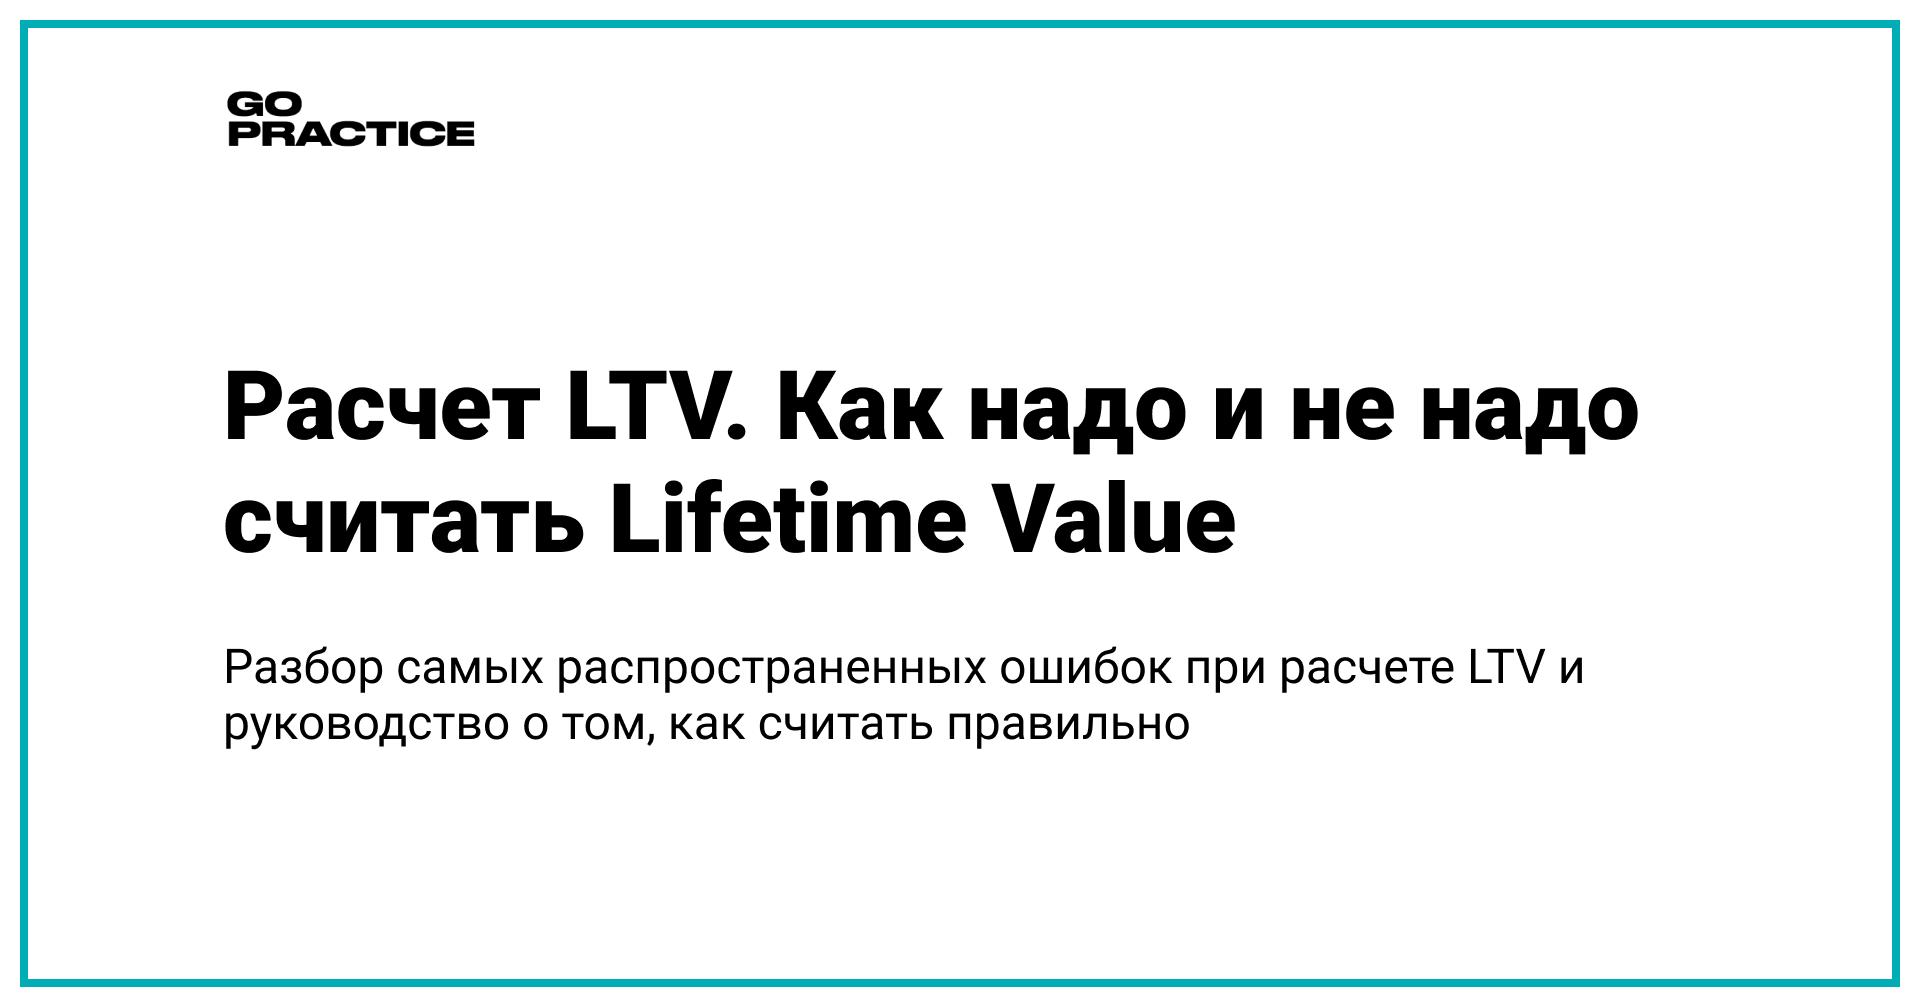 Расчет LTV. Как надо и не надо считать Lifetime Value